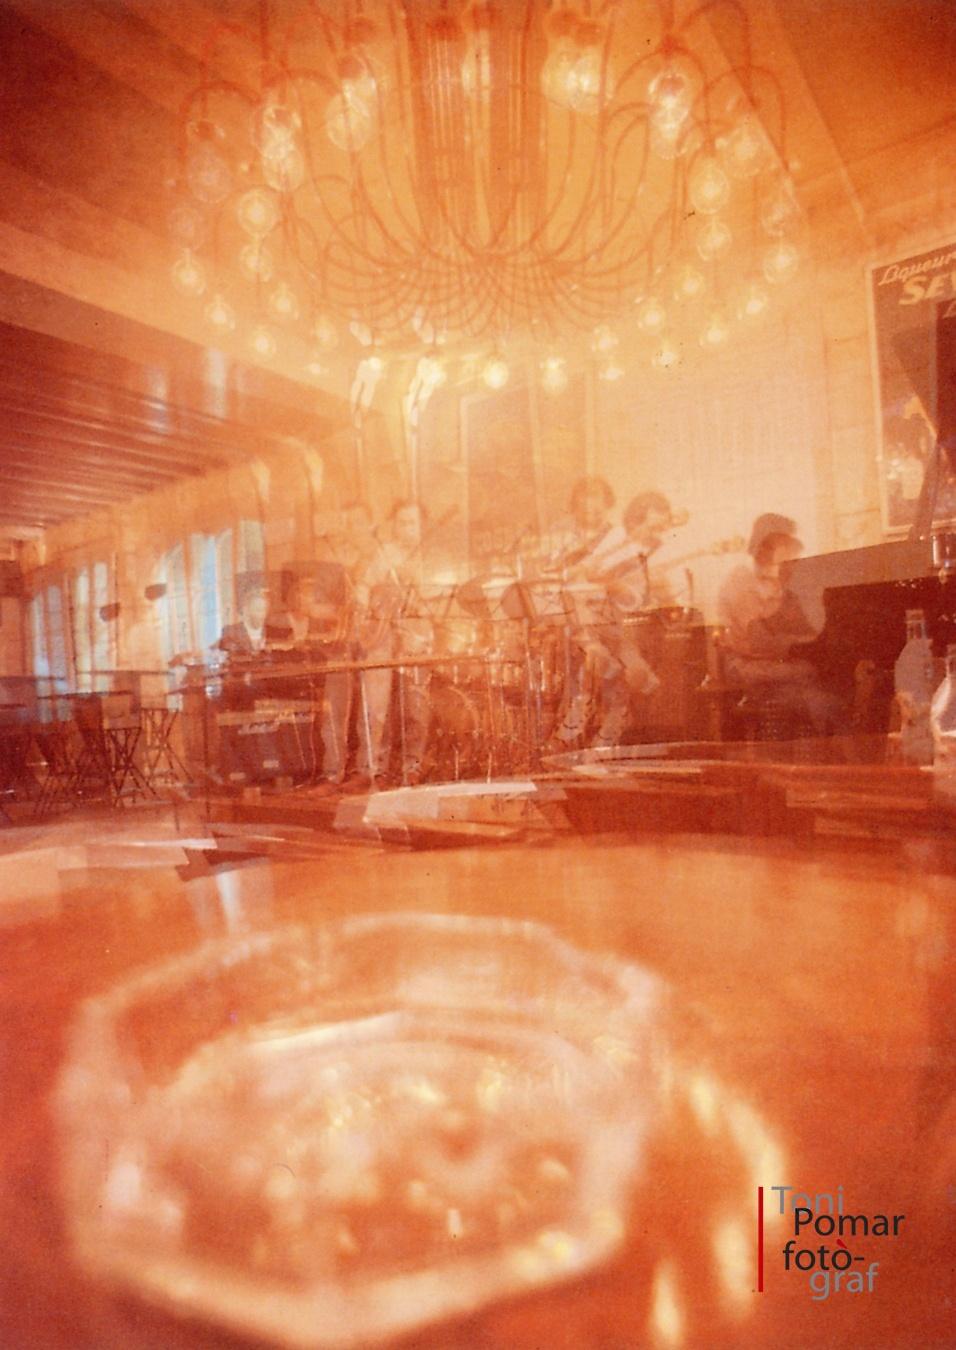 Al cafè del jazz insistia Charlie Parker i em tremolaven els llavis, el foc tancat del sexe - Eivissa as New York - Eivissa as New York